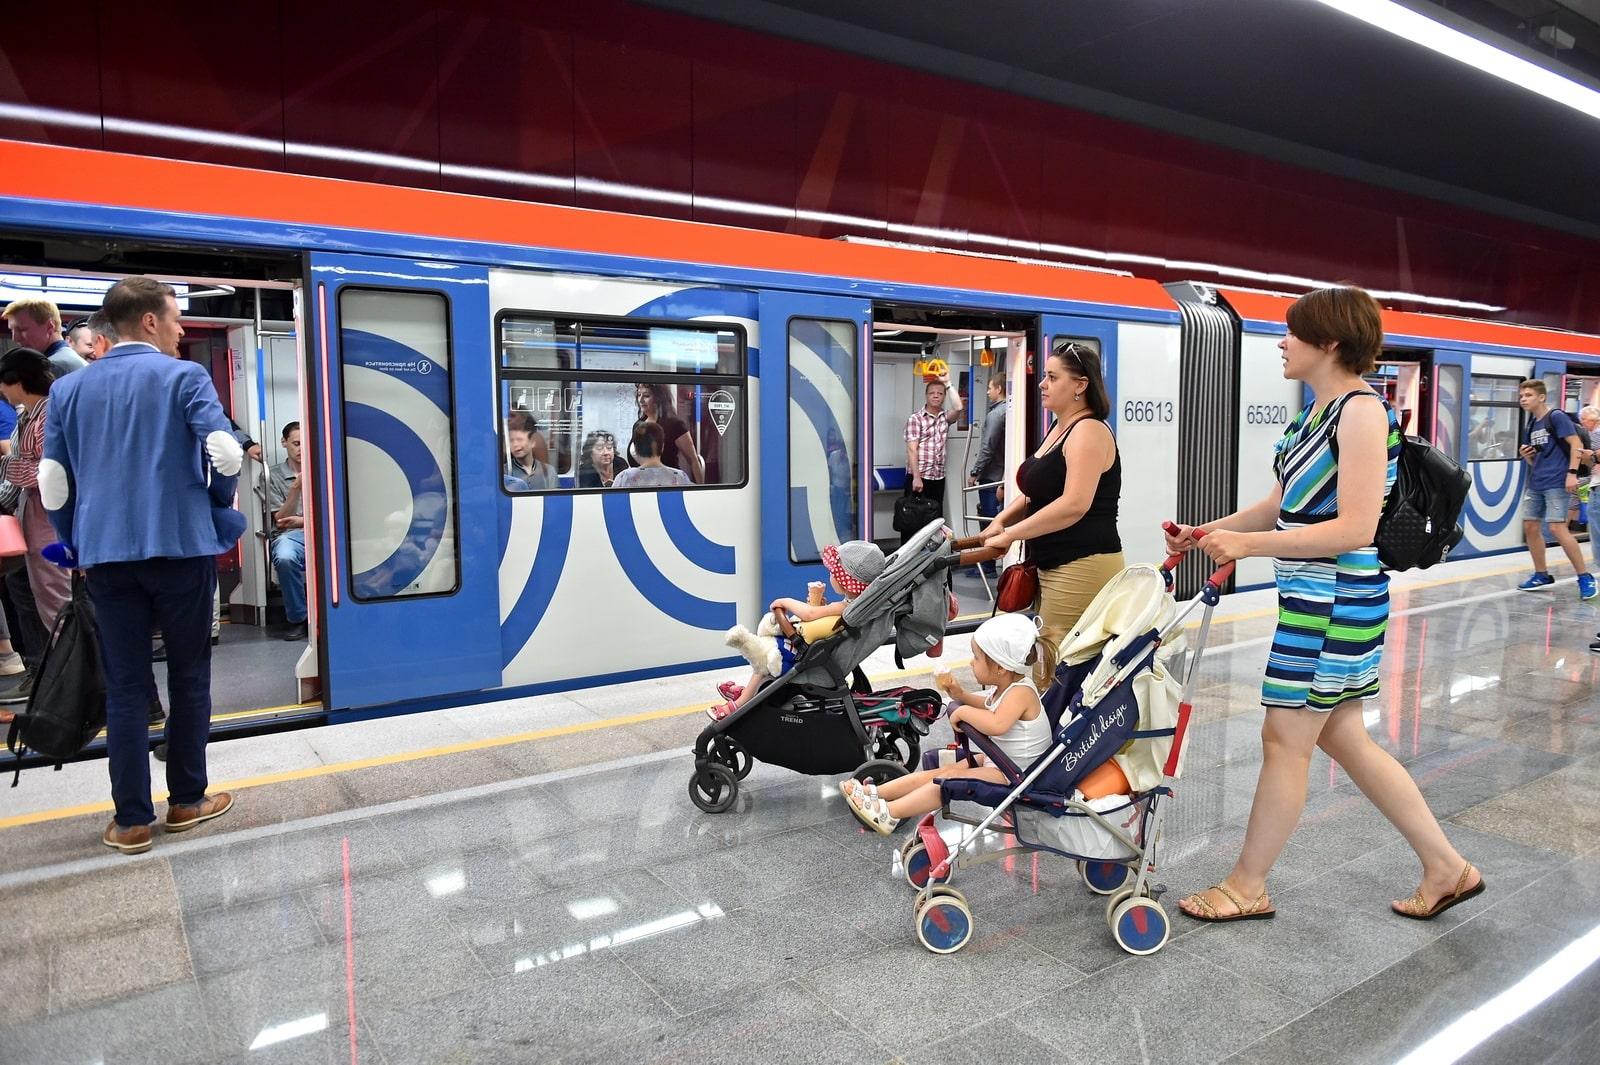 Закрытие с 13 июля 2019 года Сокольнической линии метро на неделю